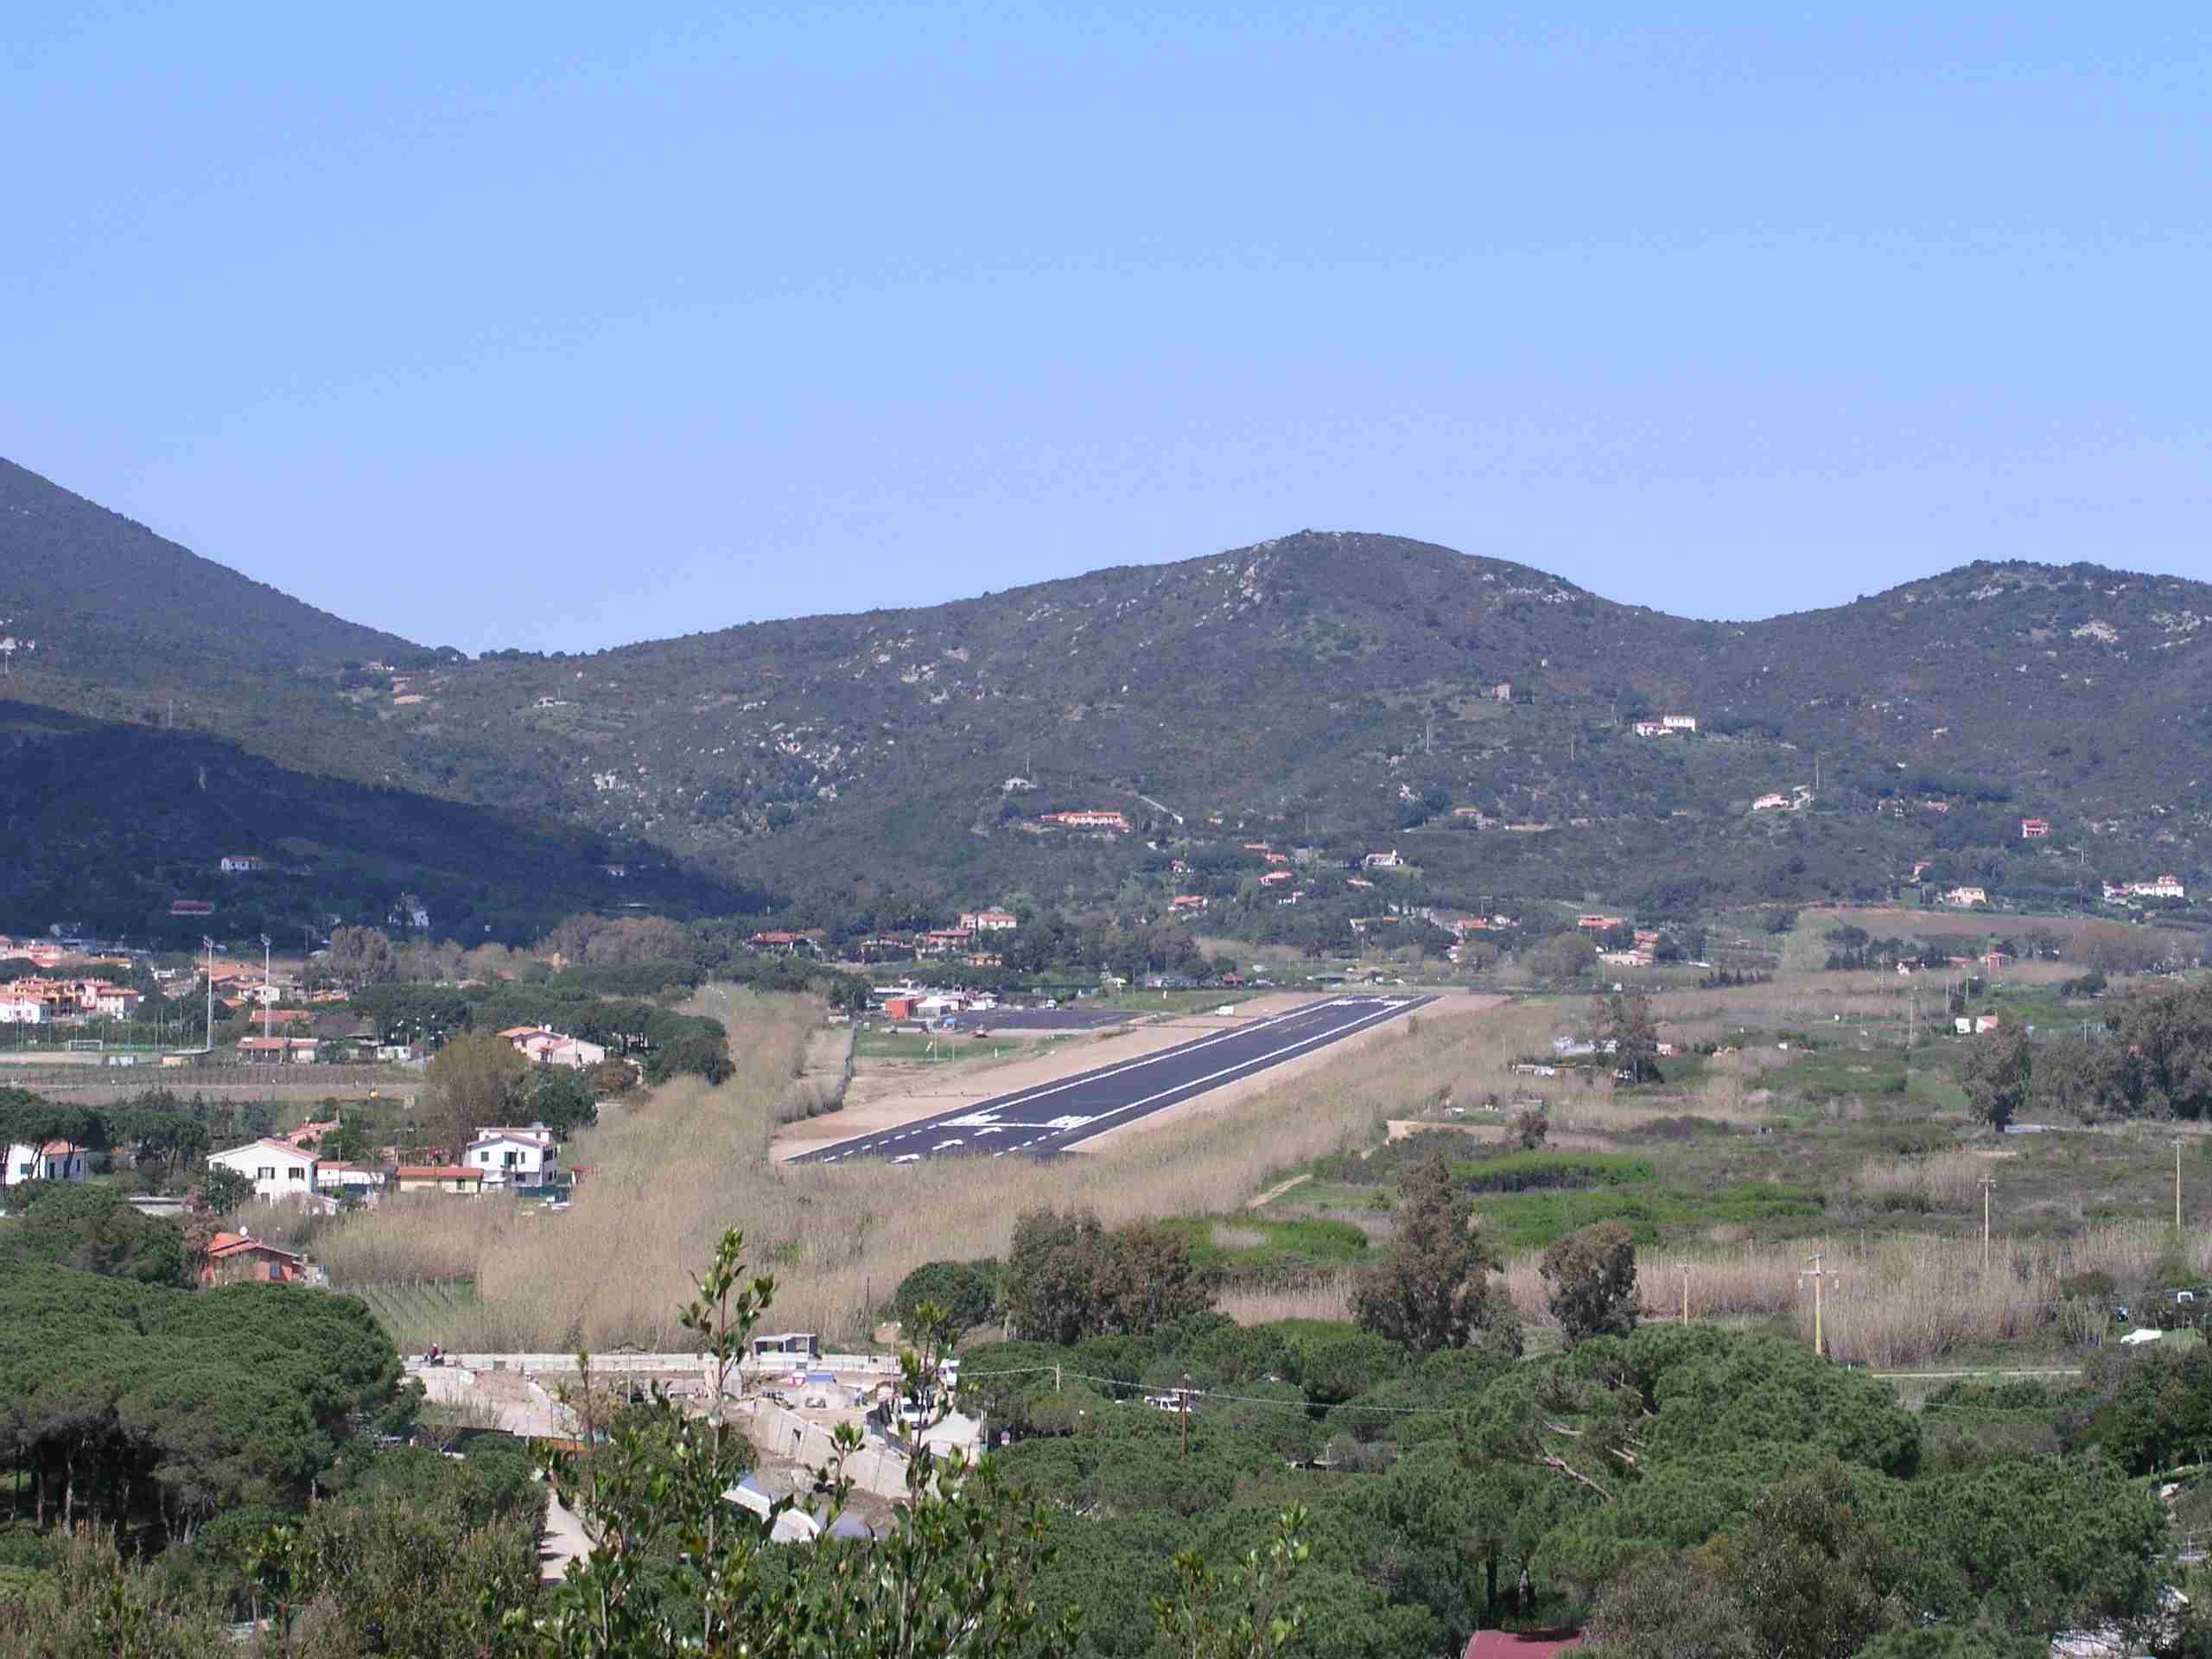 Aeroporto Elba : Asvipe elba orari aeroporto internazionale di marina di campo la